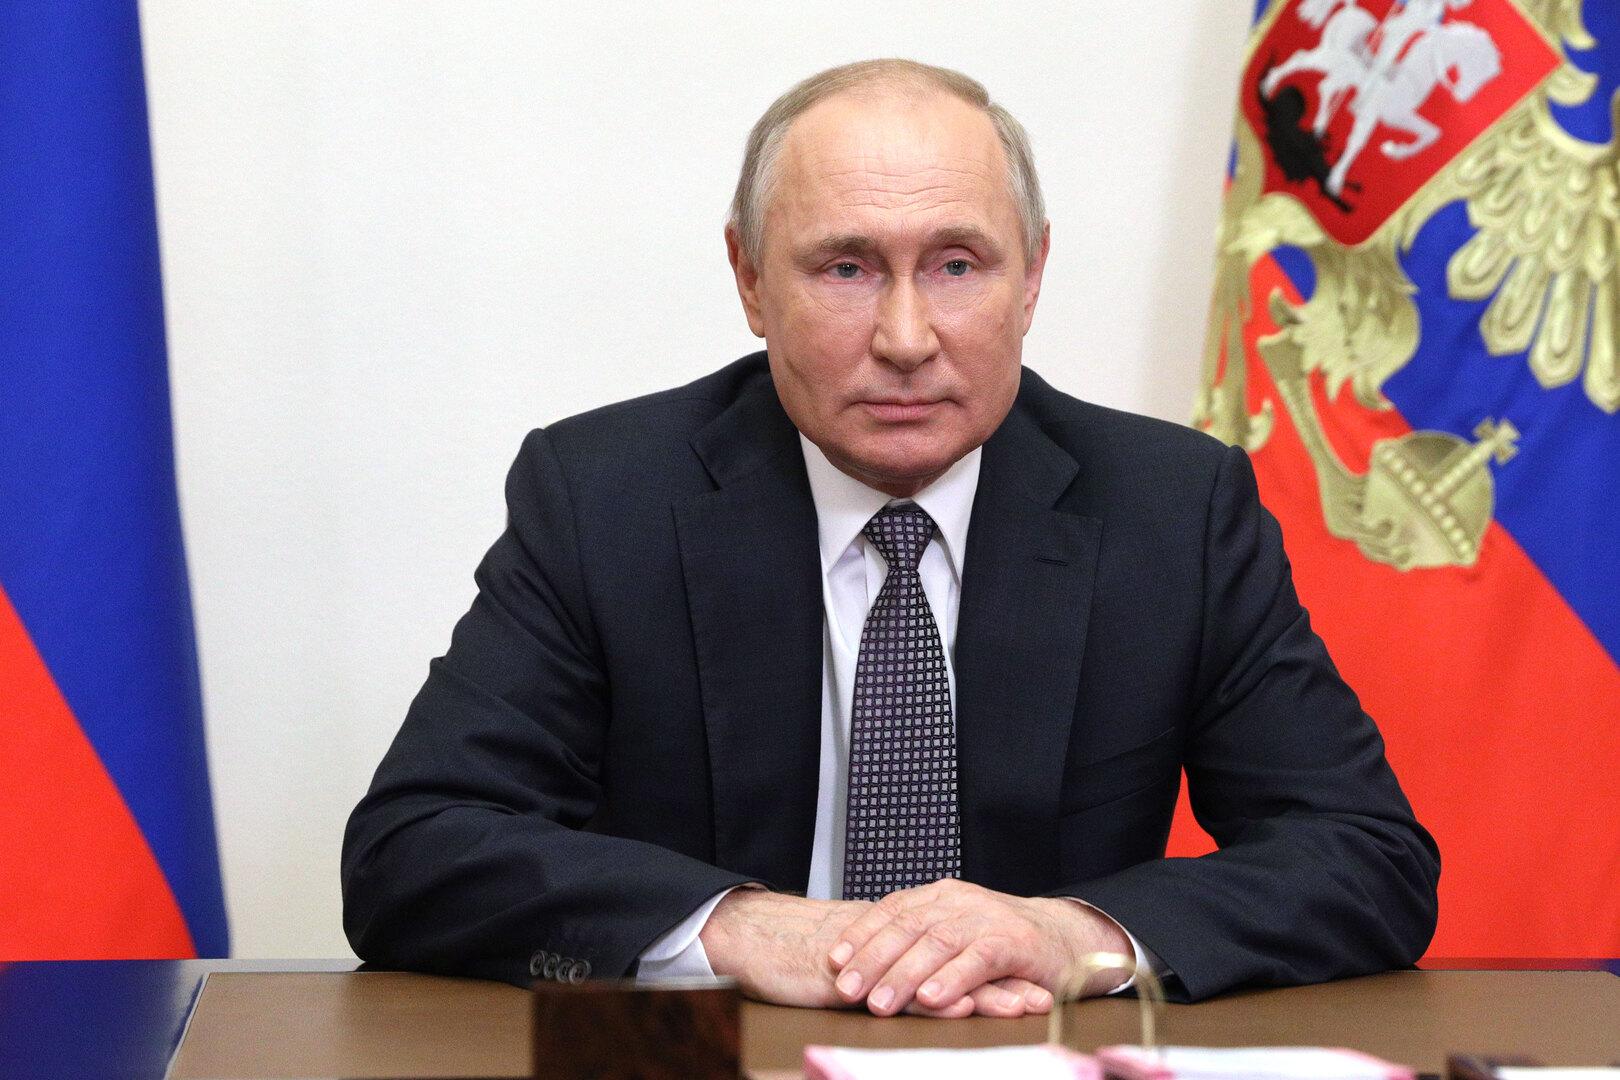 المواطنون الروس يوجهون أكثر من 700 ألف سؤال لـ